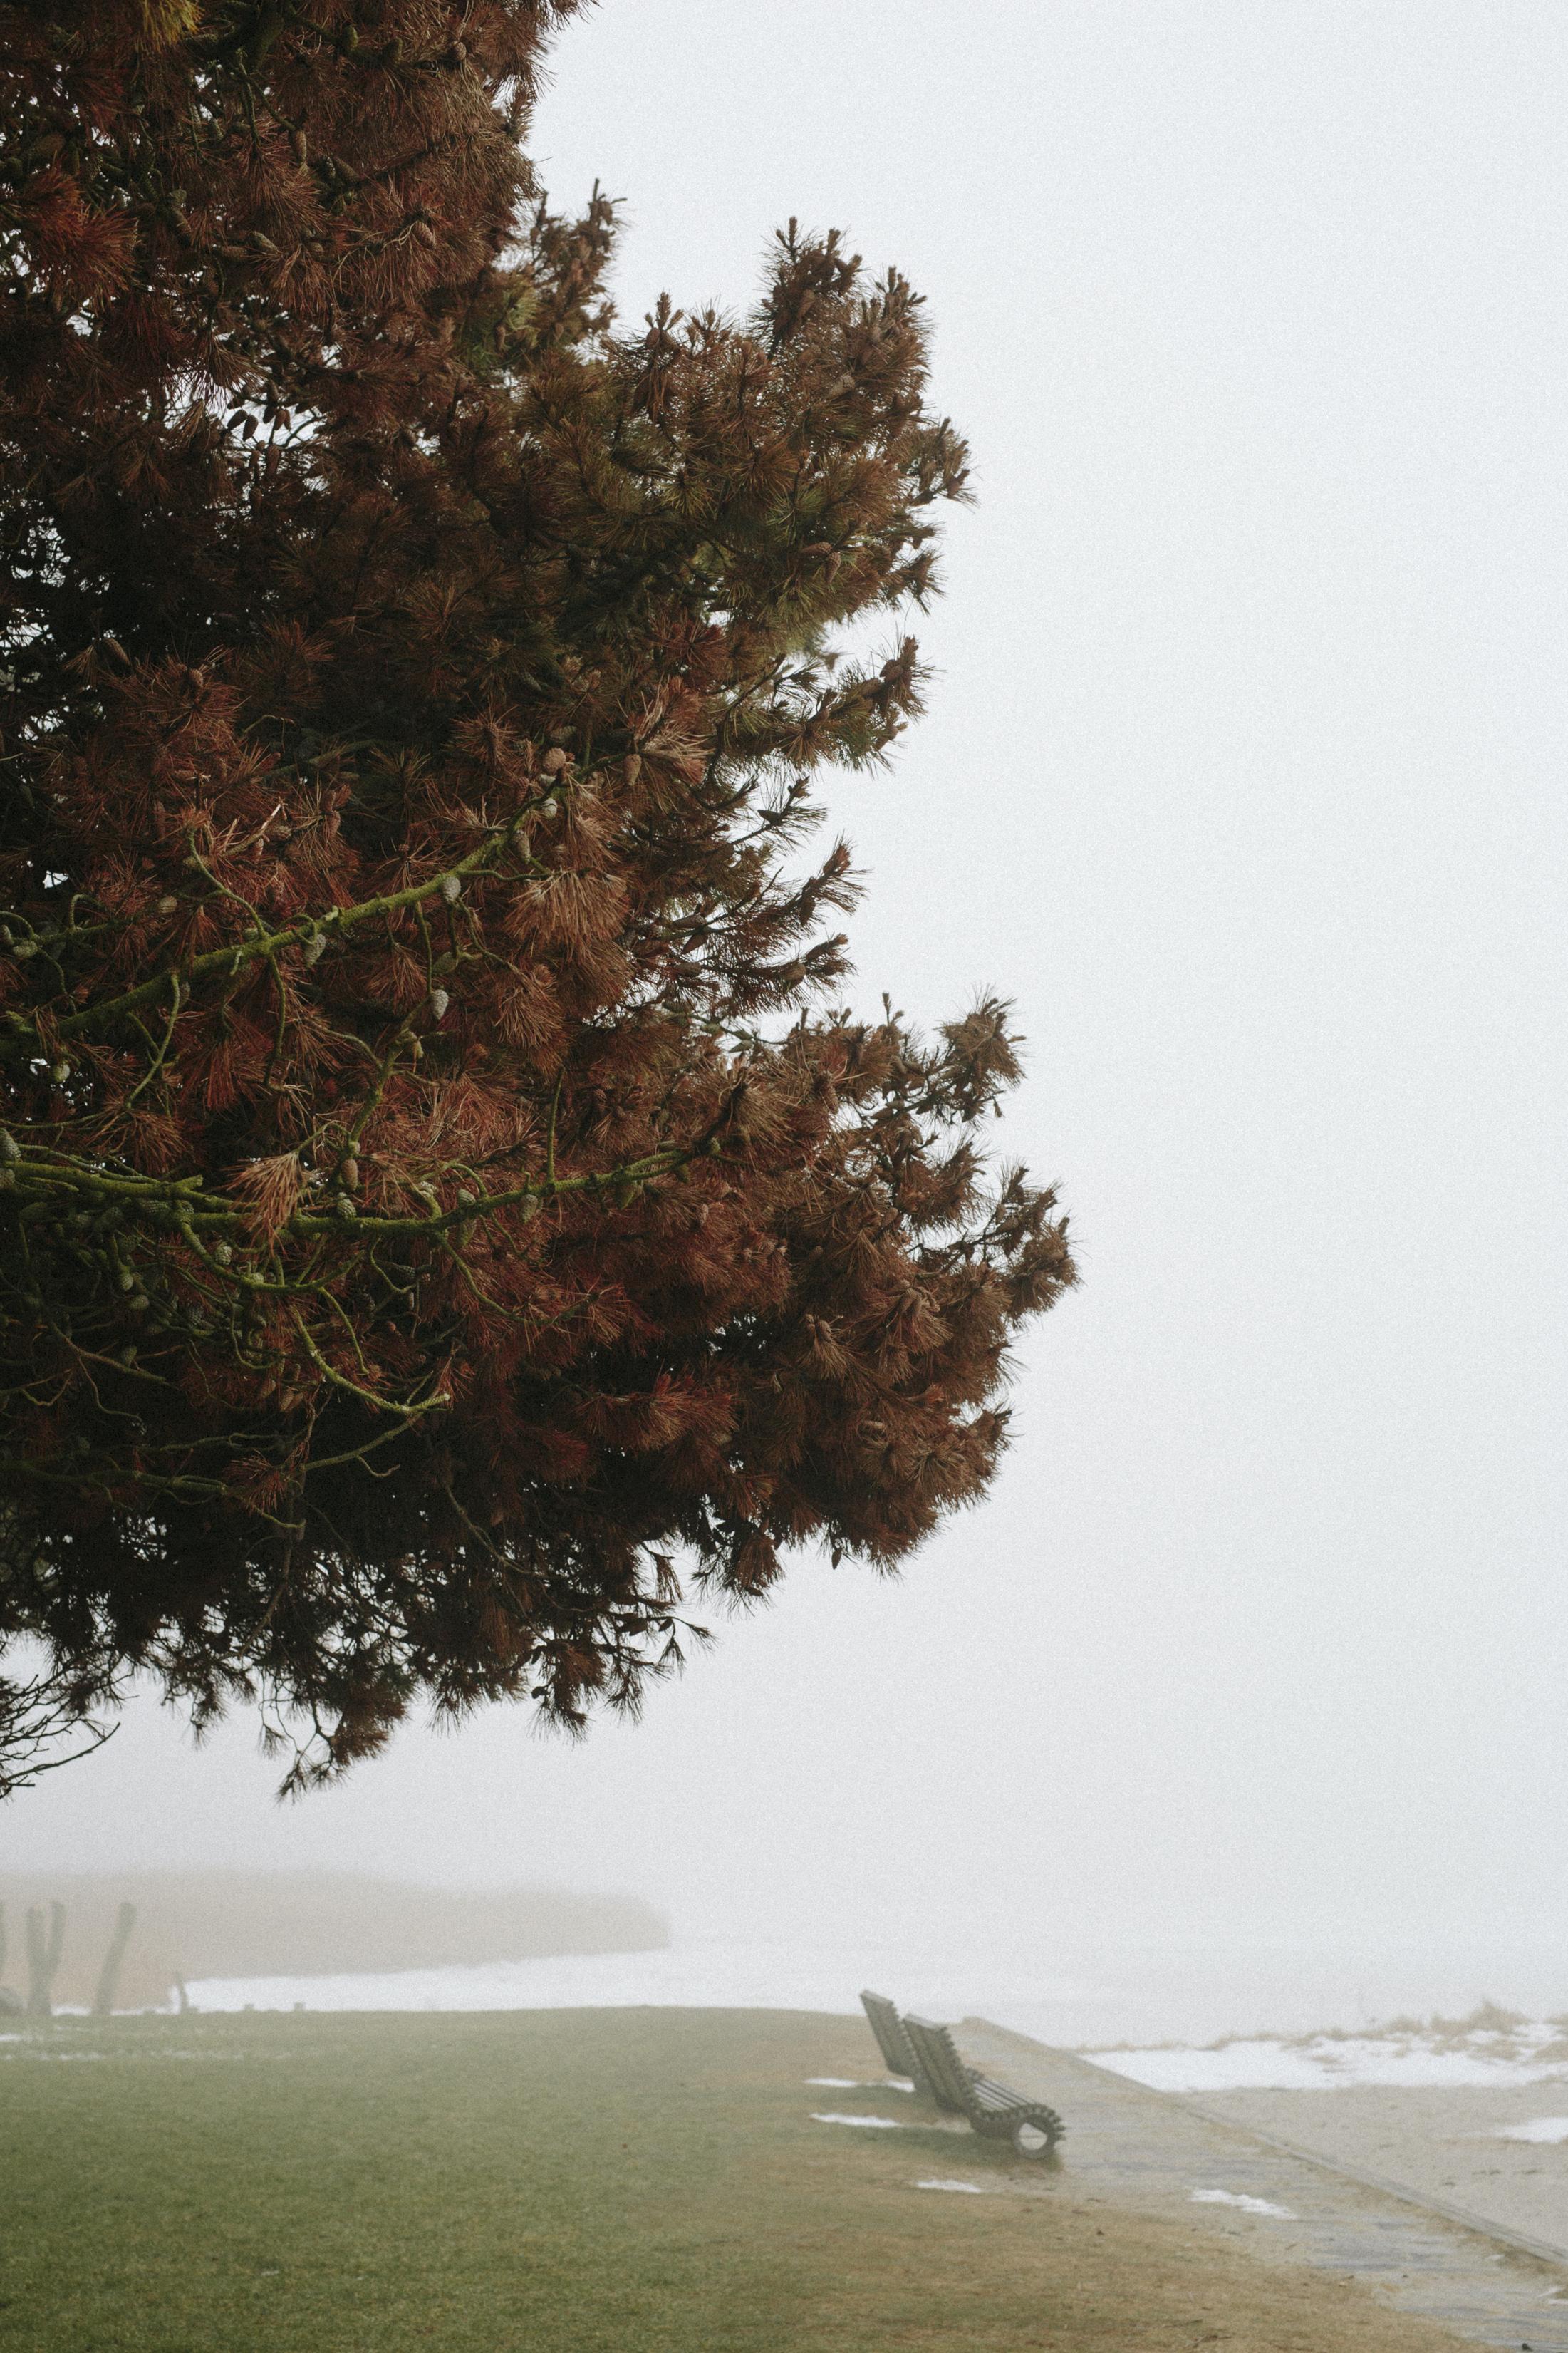 tåge_vejle_marts_fotograf Tine Hvolby_103